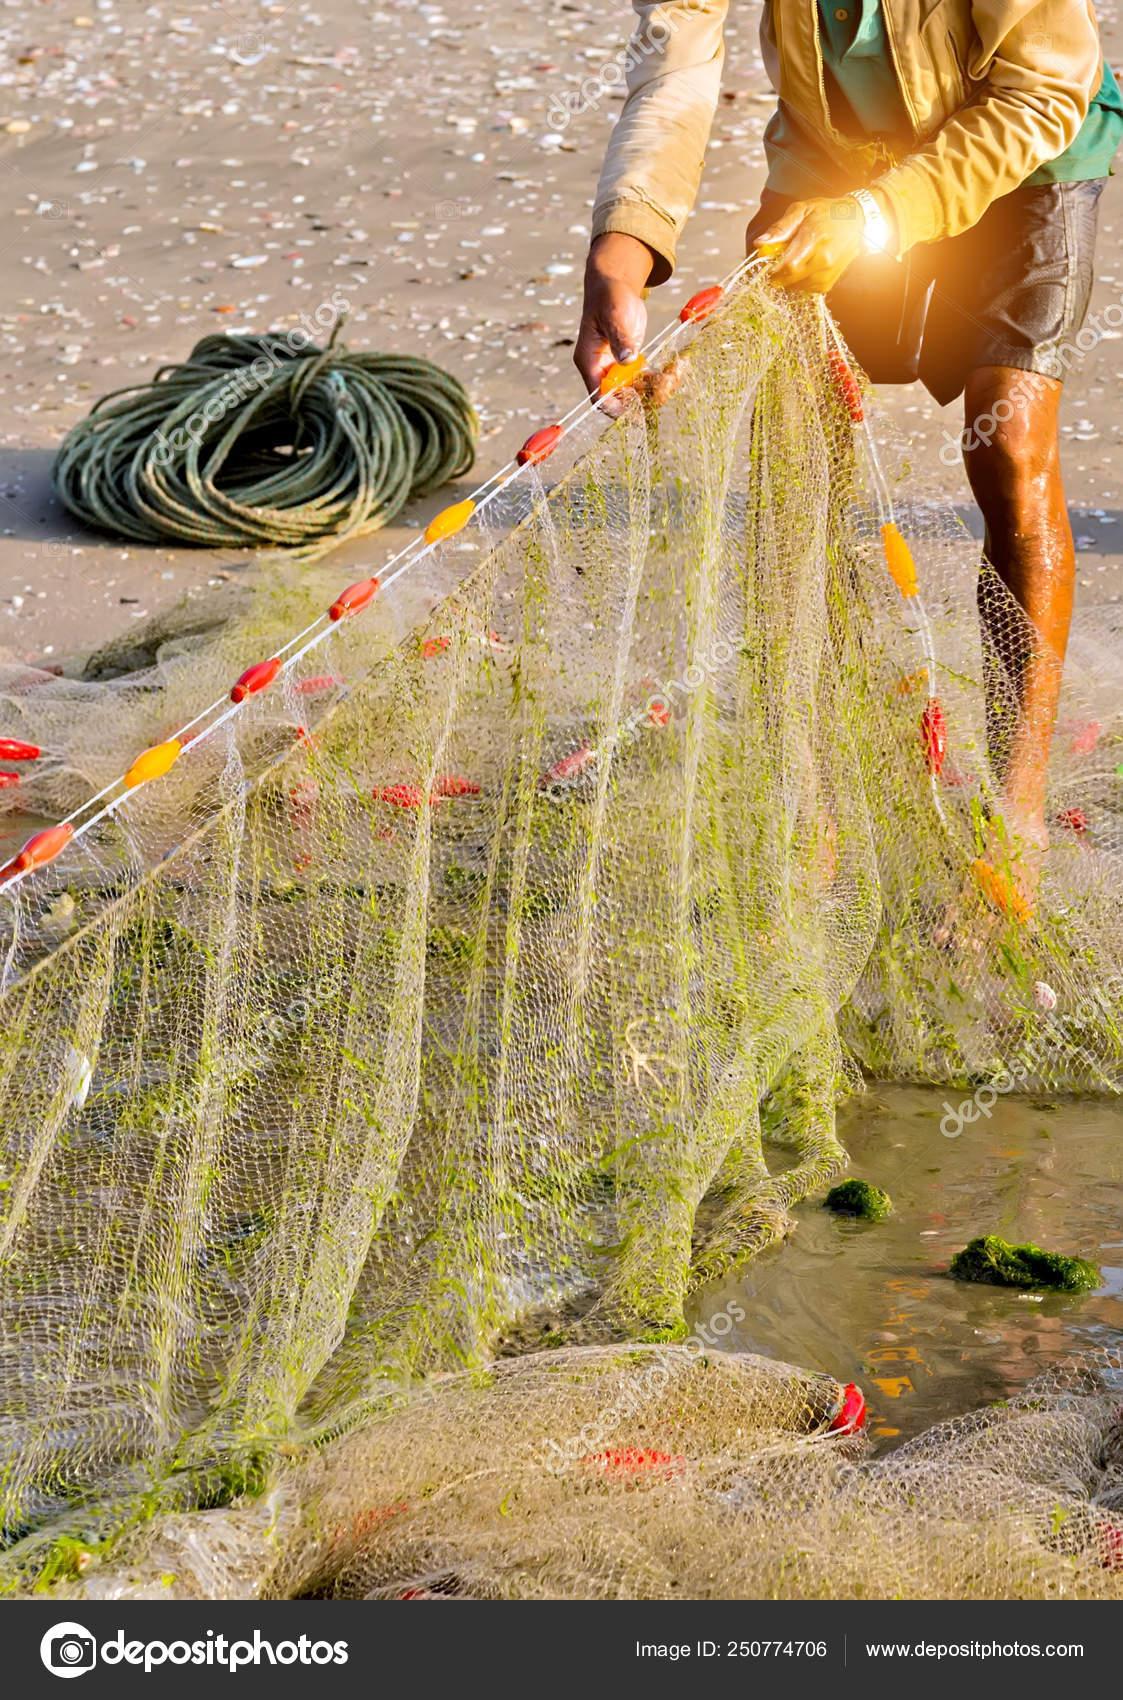 персонажах амнезии найти фотографию вьетнамка в рыболовных сетях омлетом очень вкусные